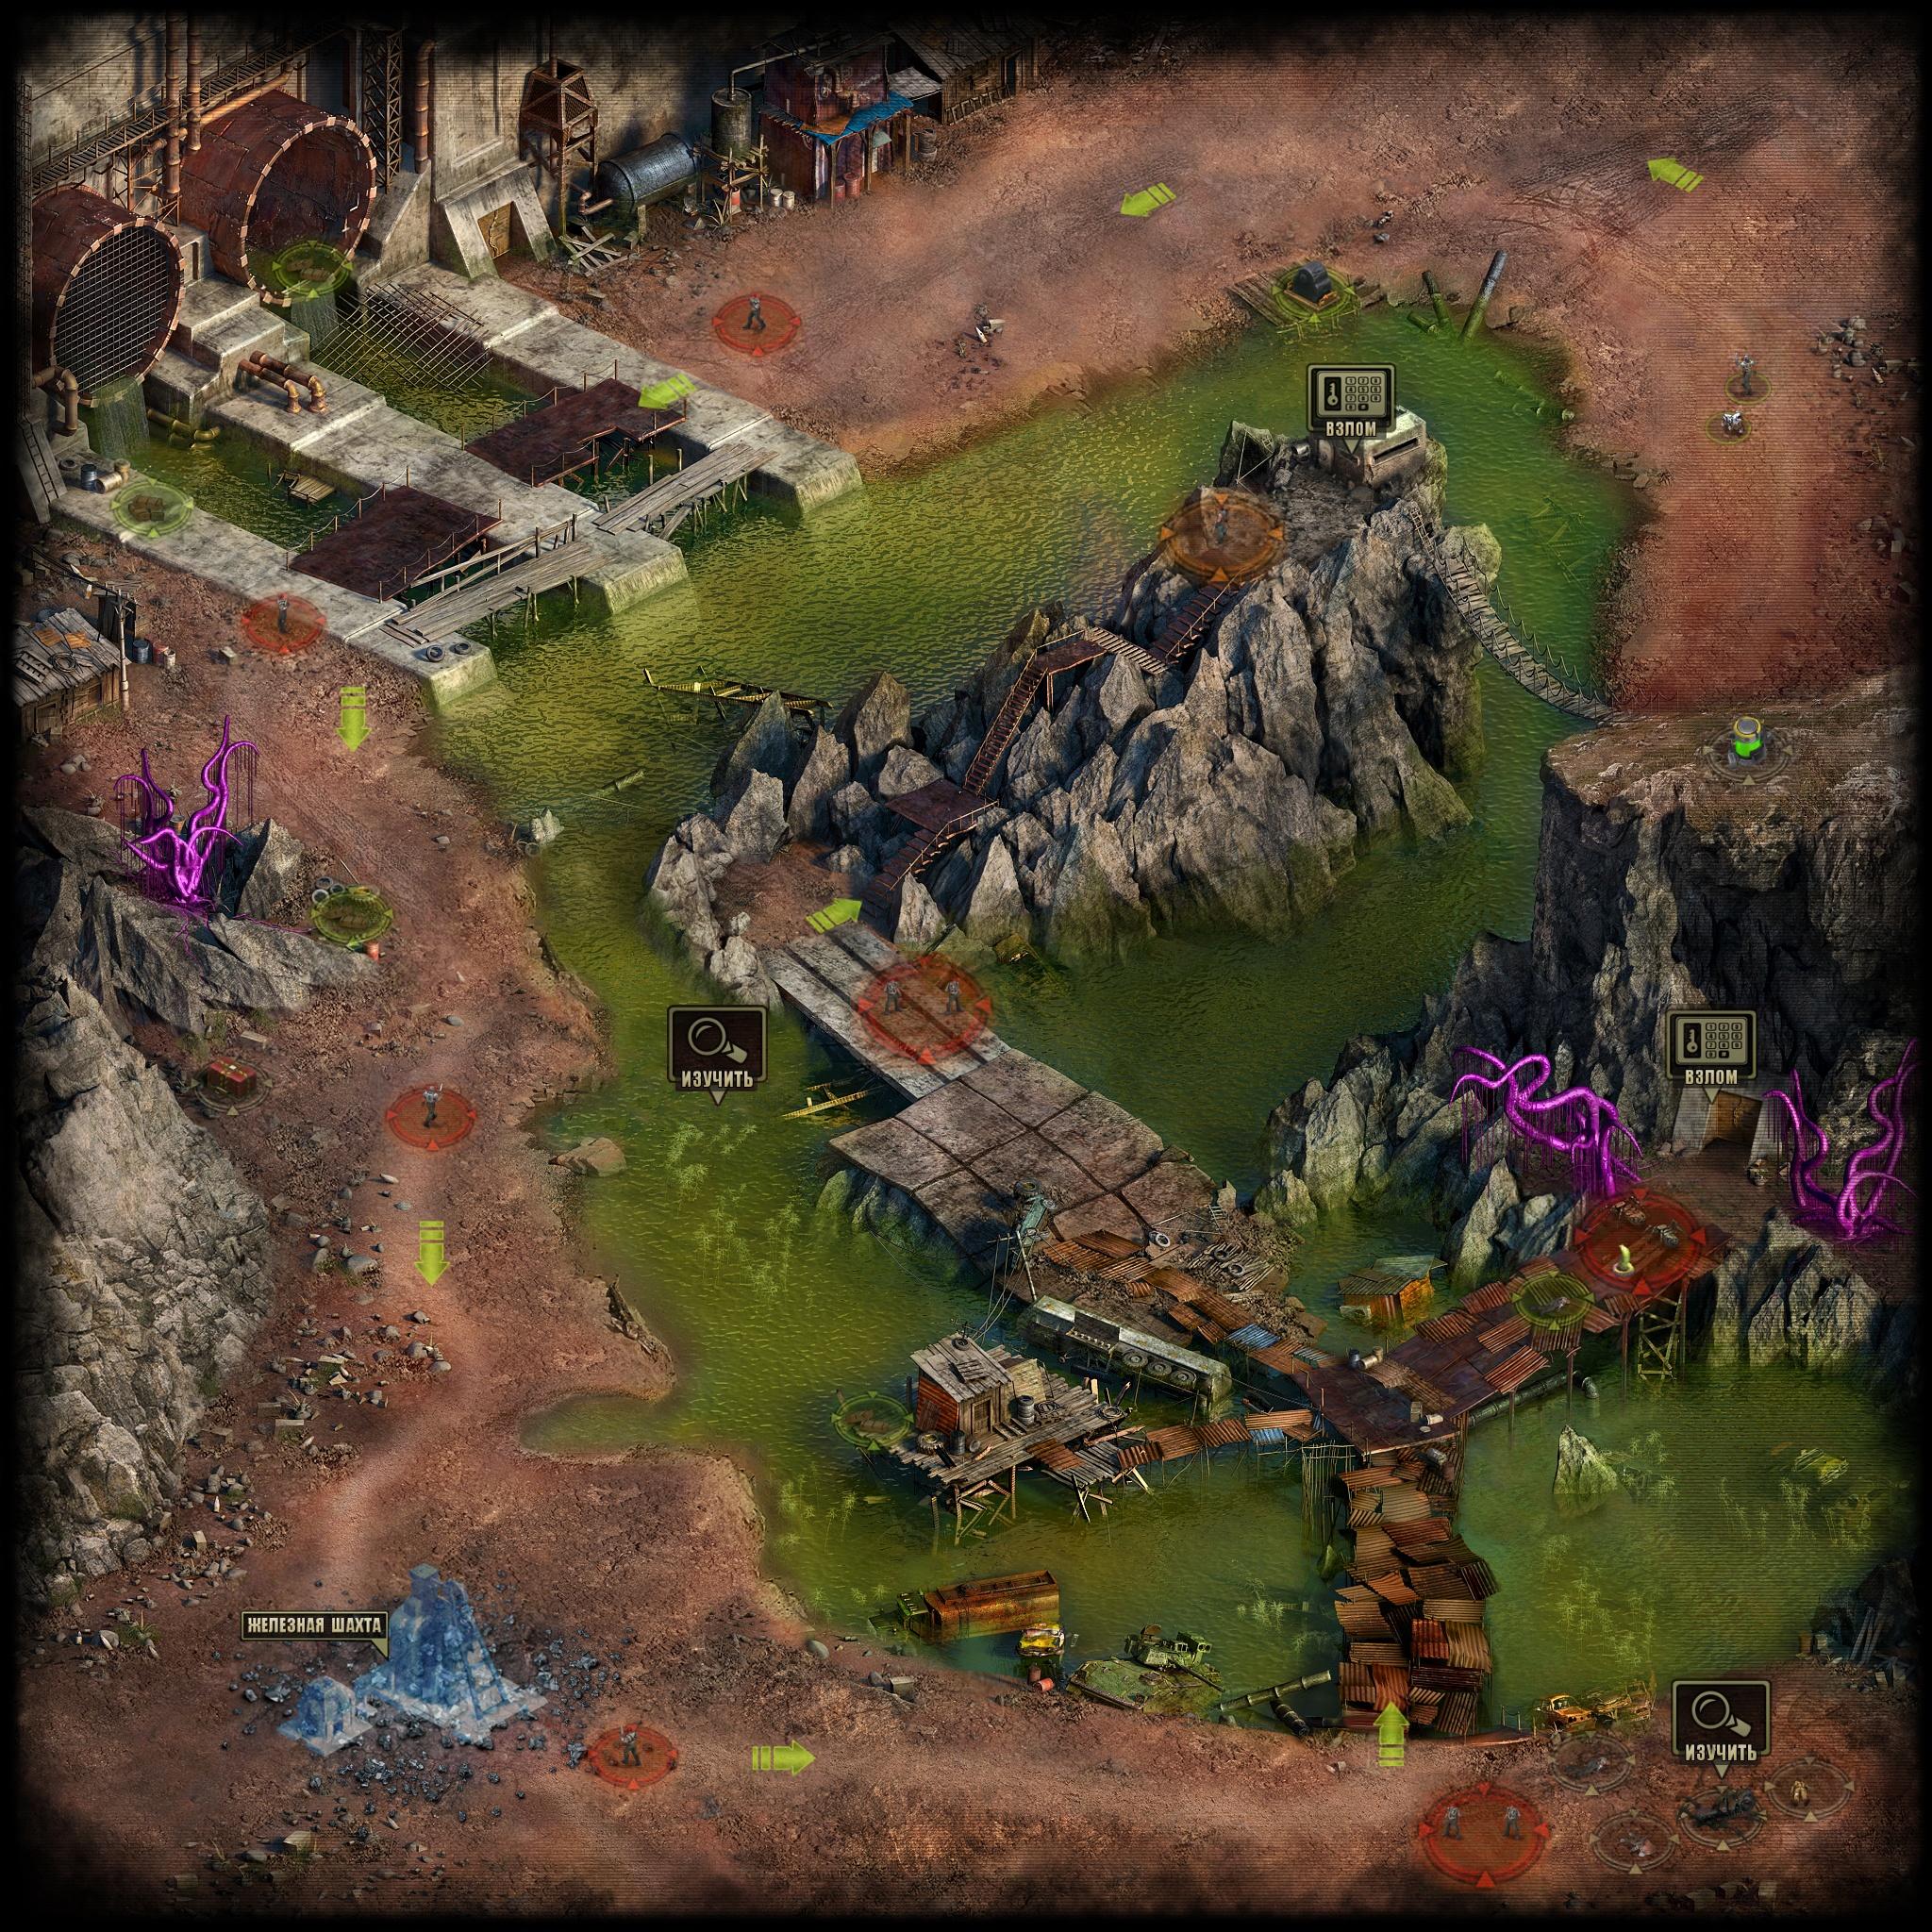 Прохождение локации Железный рудник